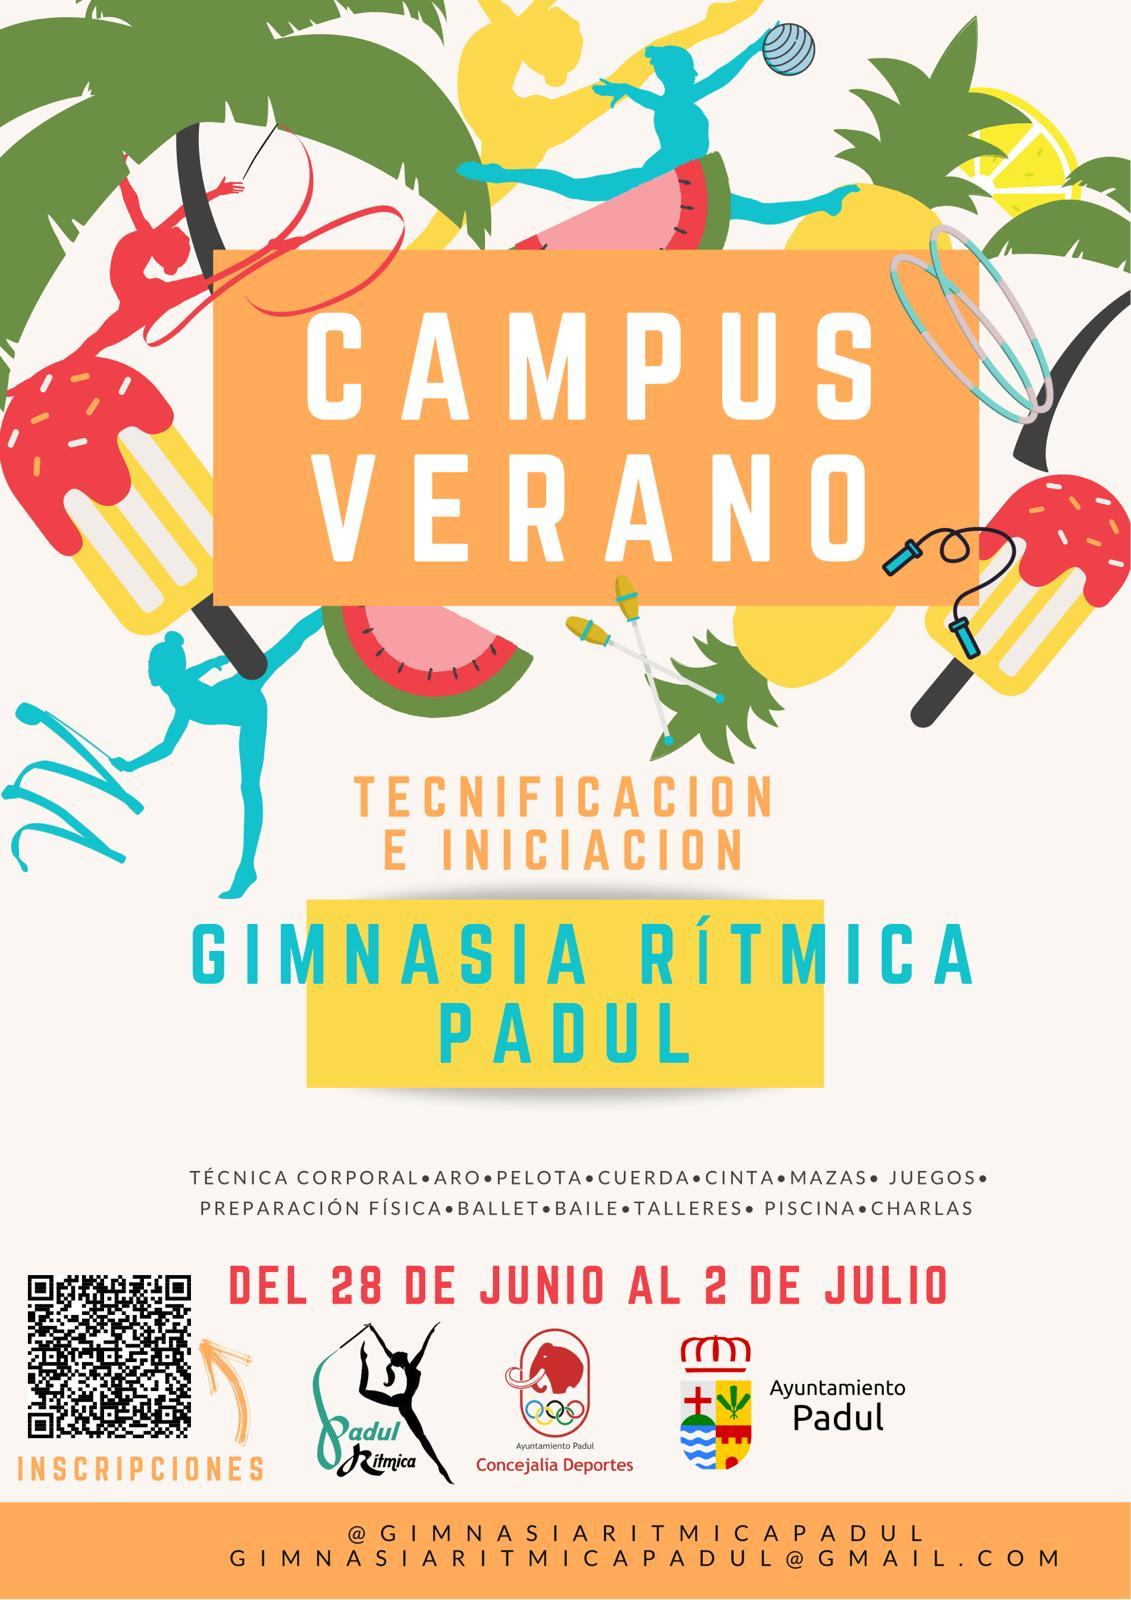 Campus de verano tecnificación e iniciación. Gimnasia Rítmica Padul